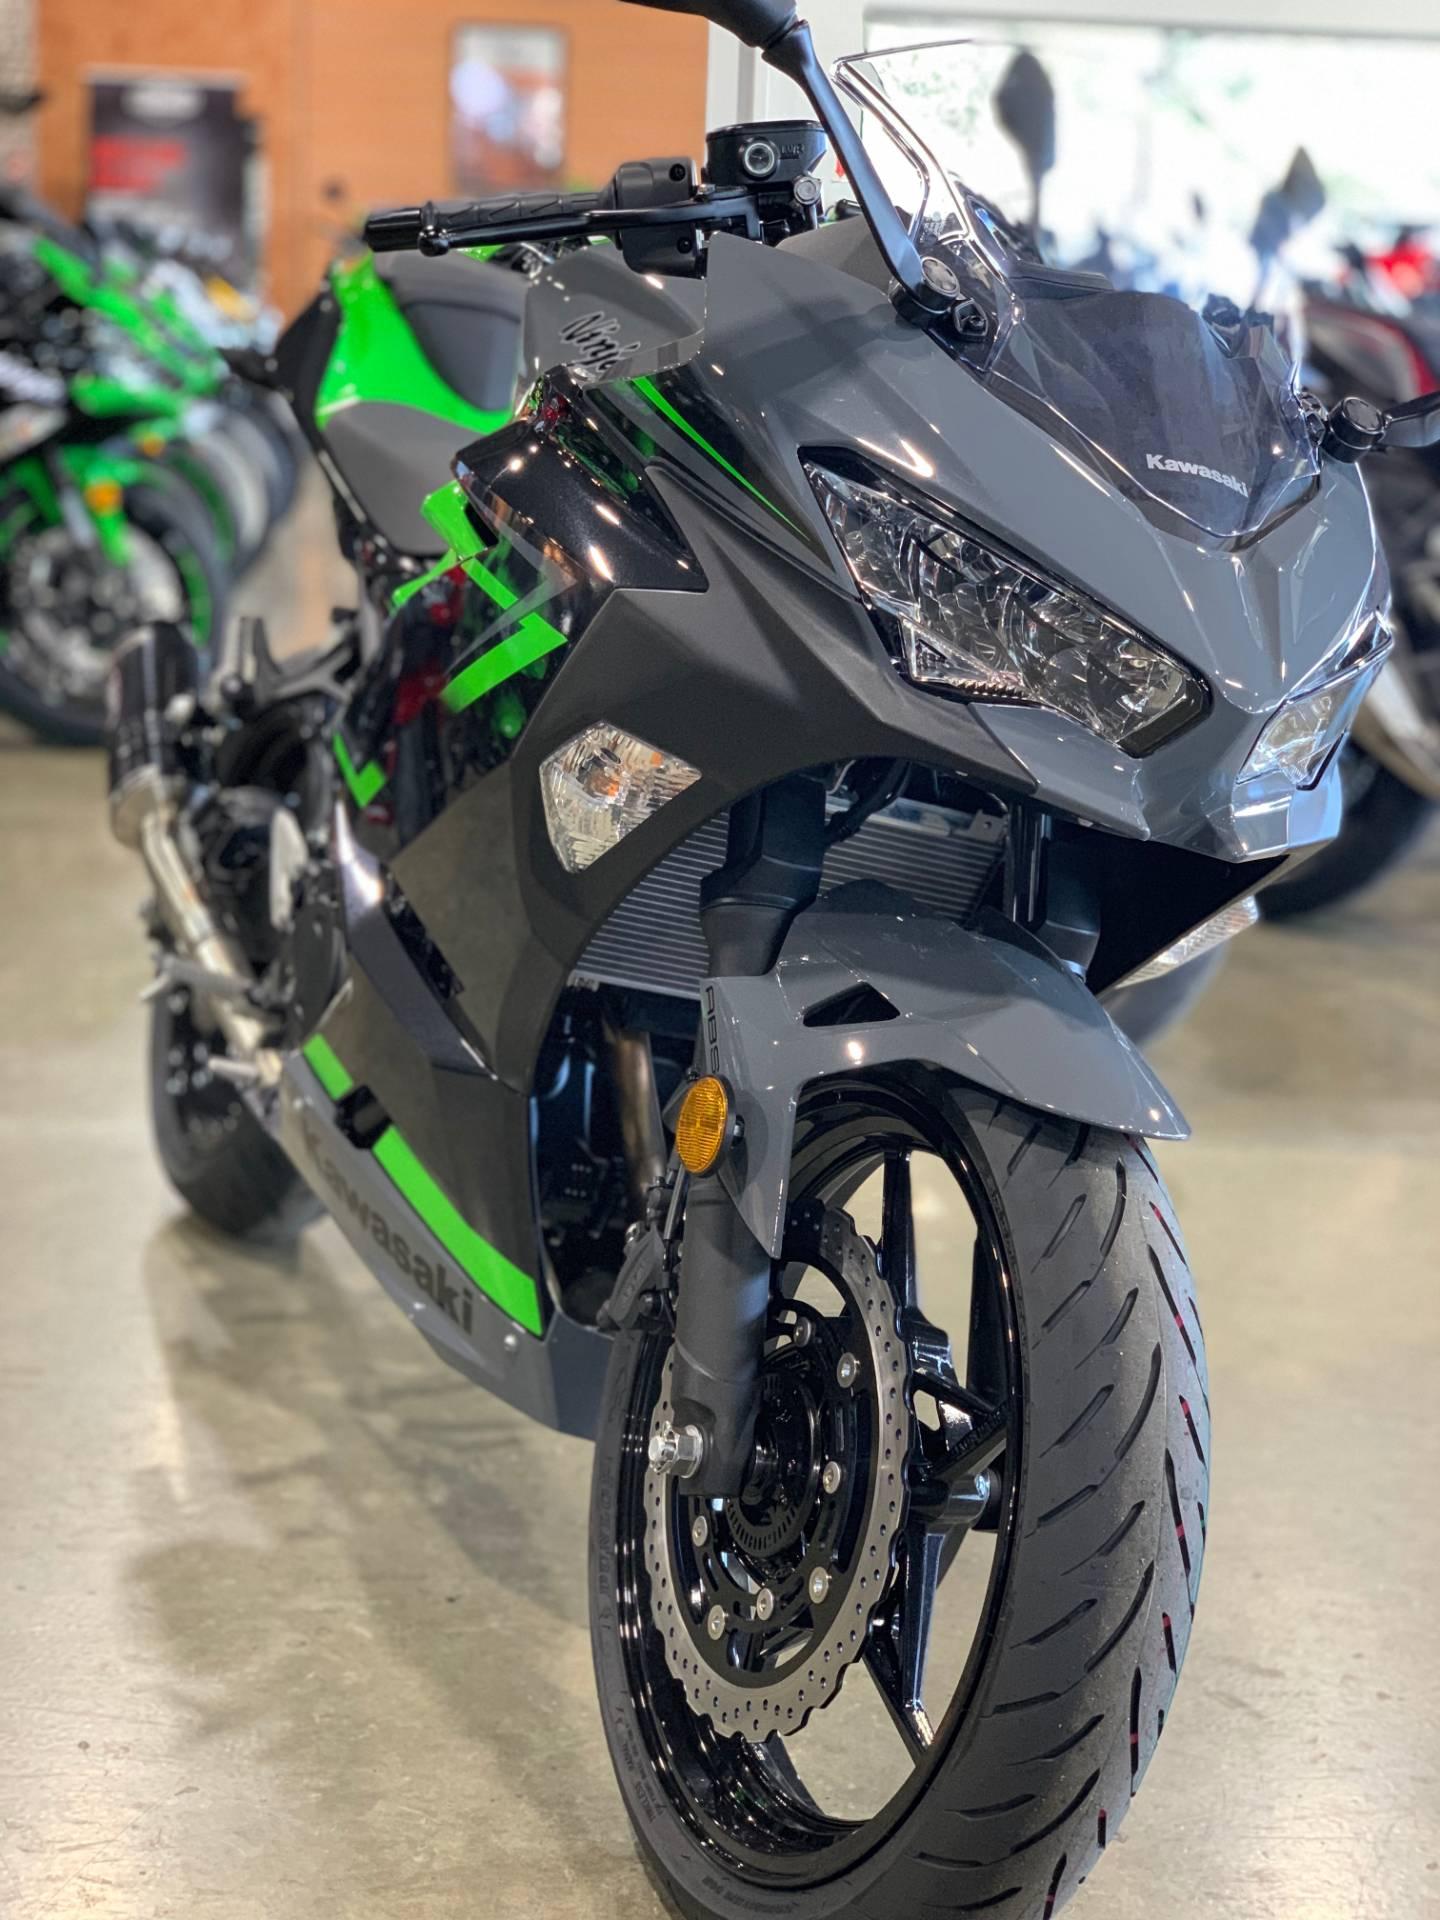 New 2019 Kawasaki Ninja 400 Abs Motorcycles In Plano Tx Na